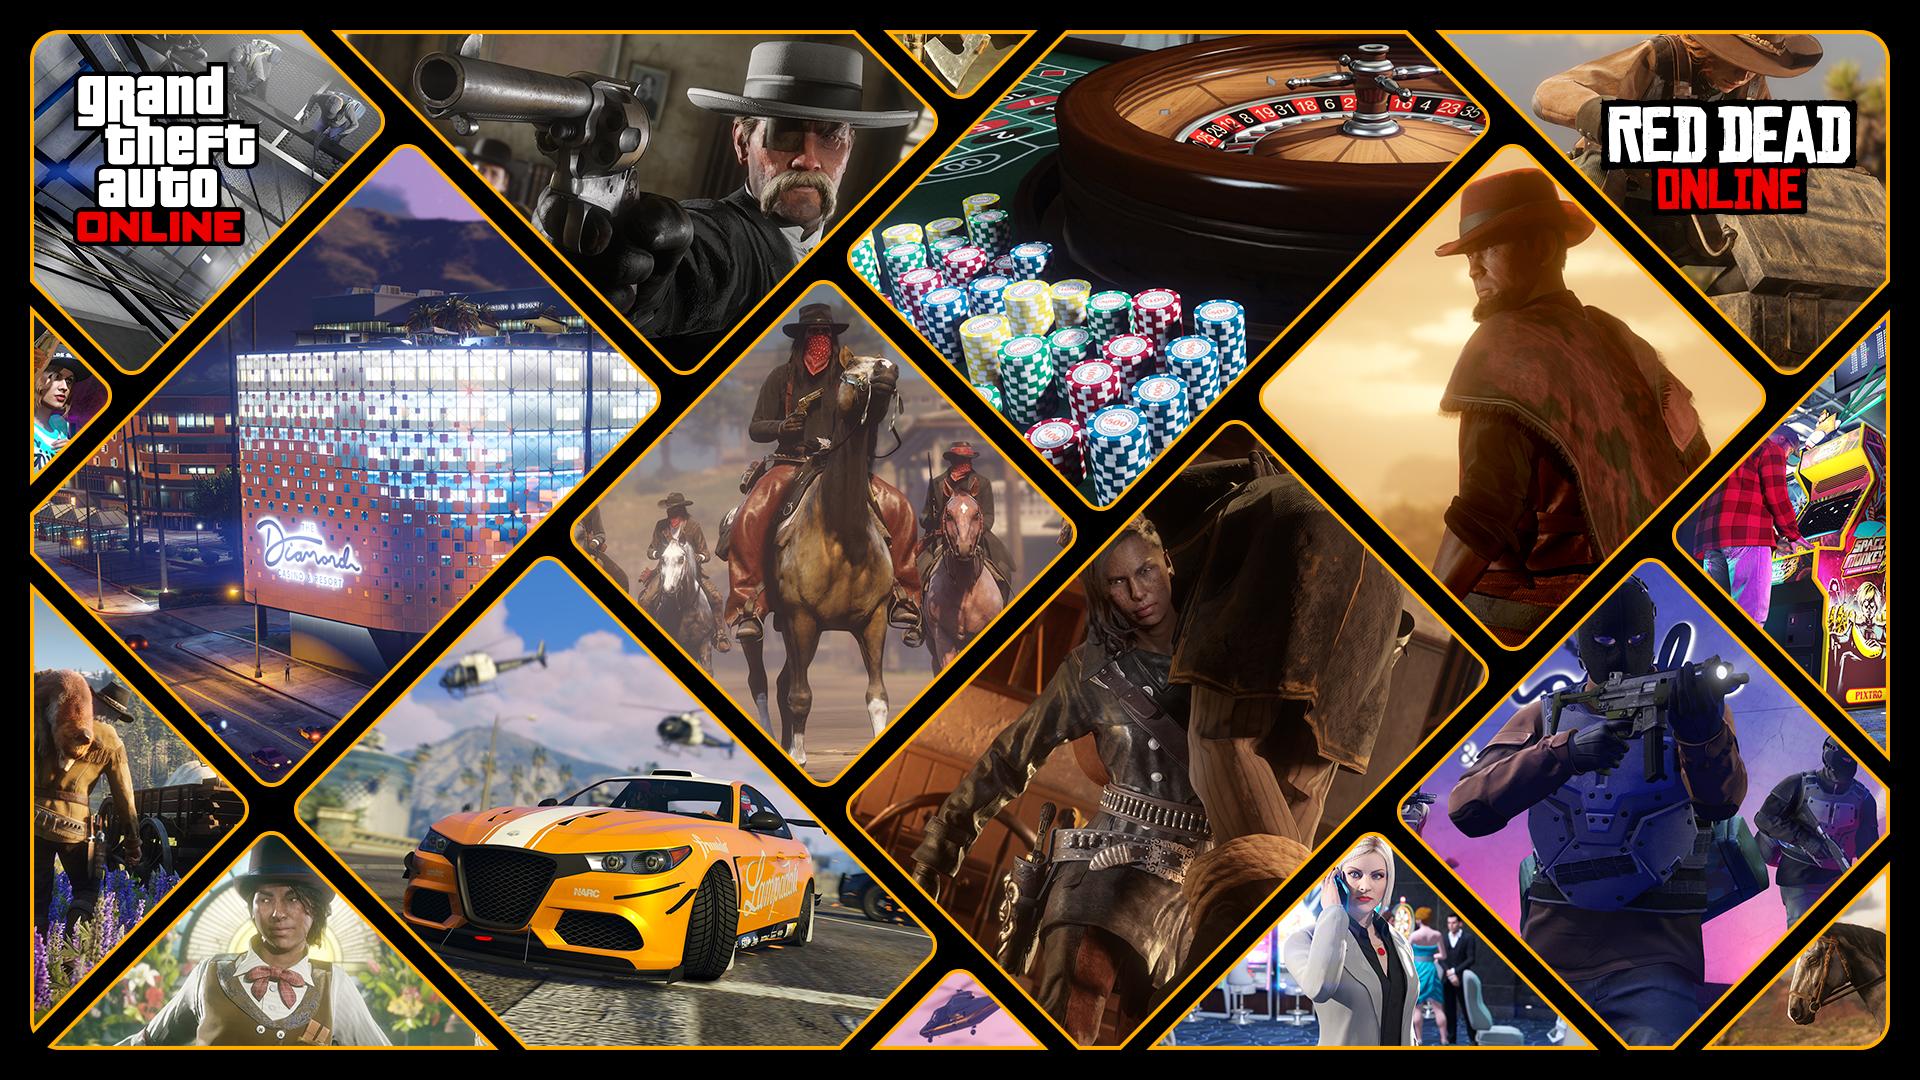 GTA Online_Red Dead Online _1 28 2020 Celebration_16x9